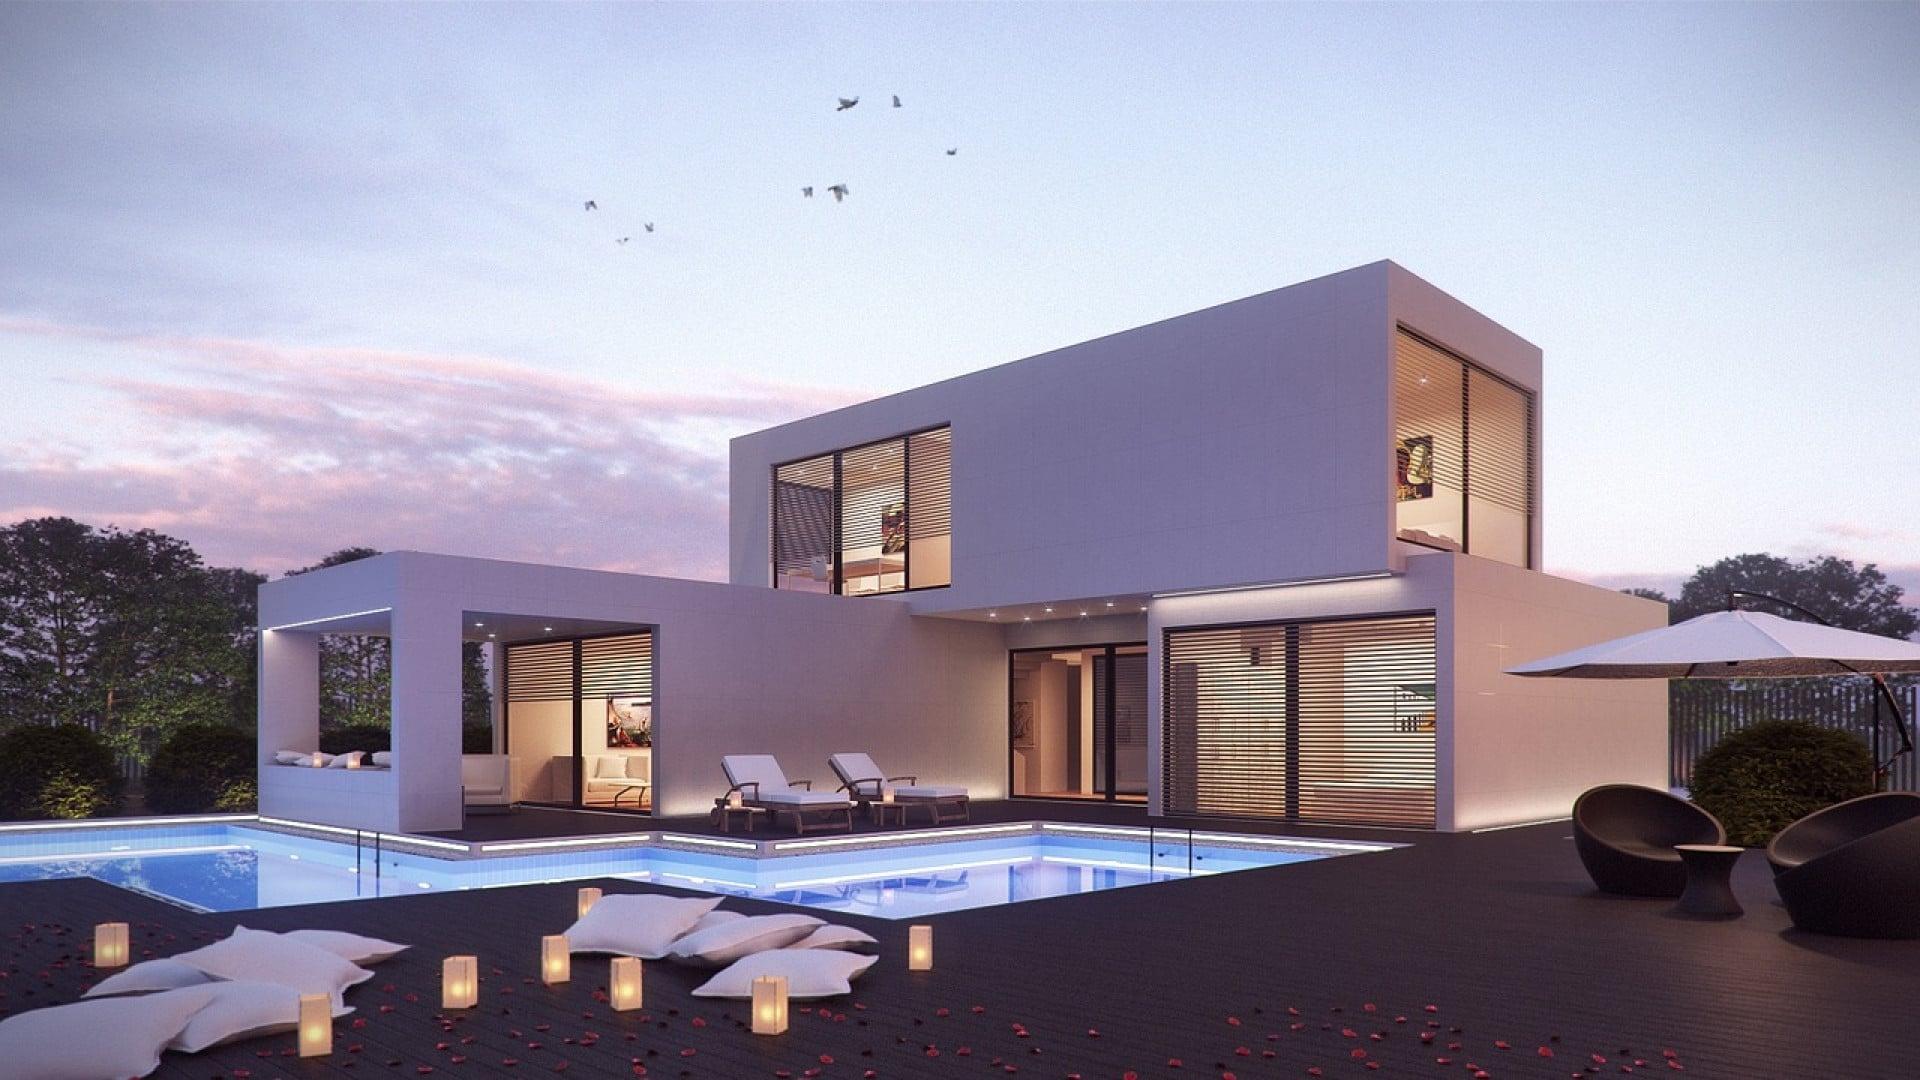 Pourquoi faire construire une maison d'architecte ?